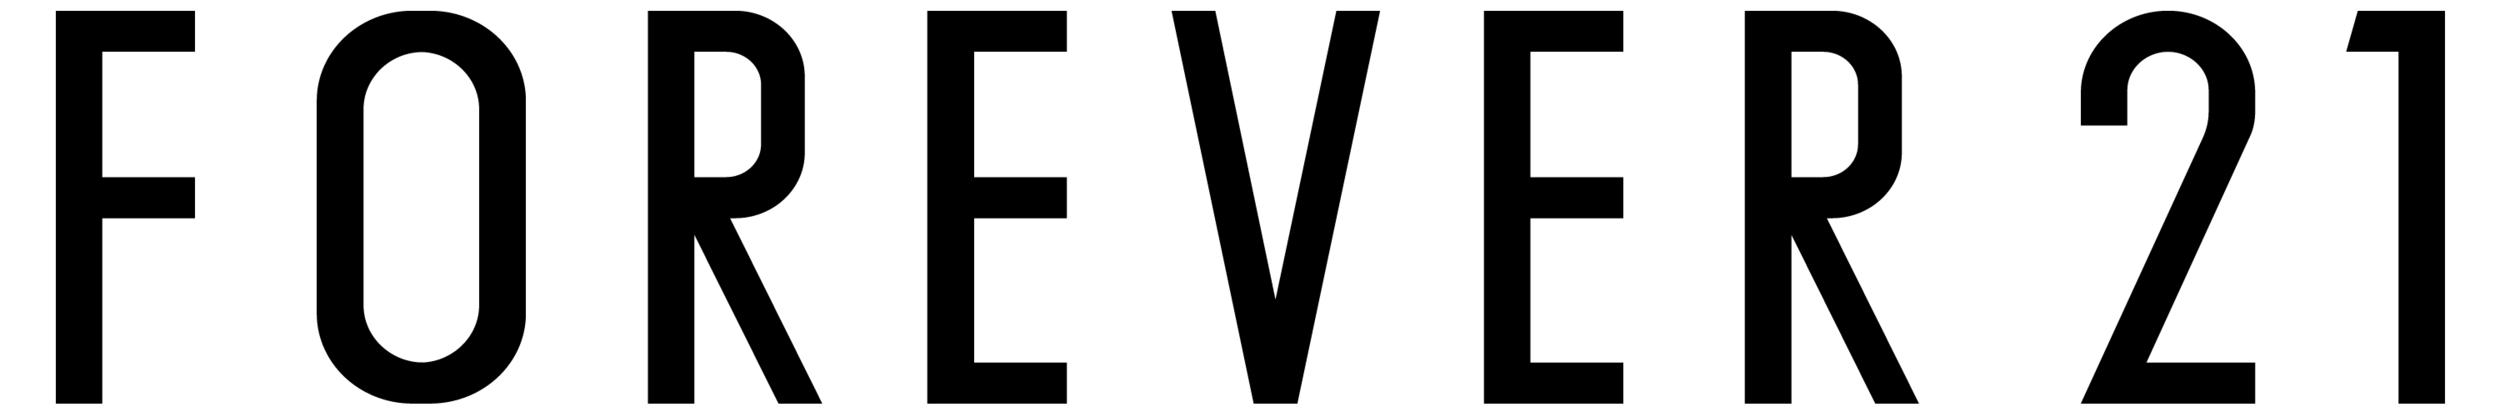 Forever_21_logo_wordmark.png